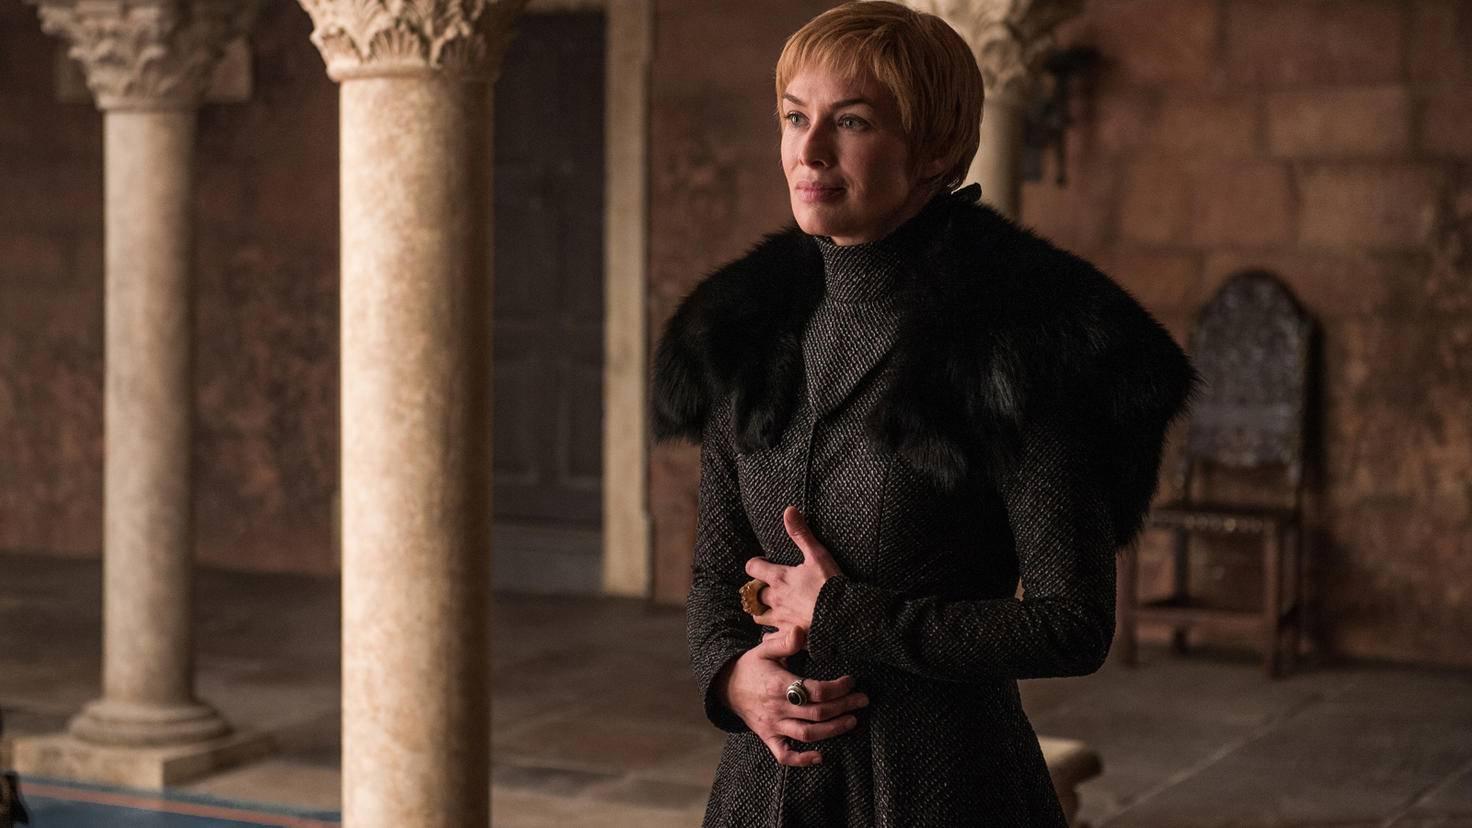 Schwester Cersei sieht dafür deutlich besser aus. Zugegeben, auch sie zieht nicht unbedingt ein fröhliches Gesicht, insgesamt scheint es bei ihr aber besser zu laufen, als bei Jaime und Bronn. Auch die Handhaltung der Königin spricht Bände. Die schützend auf den Bauch gelegten Hände könnten dafür sprechen, dass sie tatsächlich wieder schwanger ist, was sie ja auch selbst behauptet.